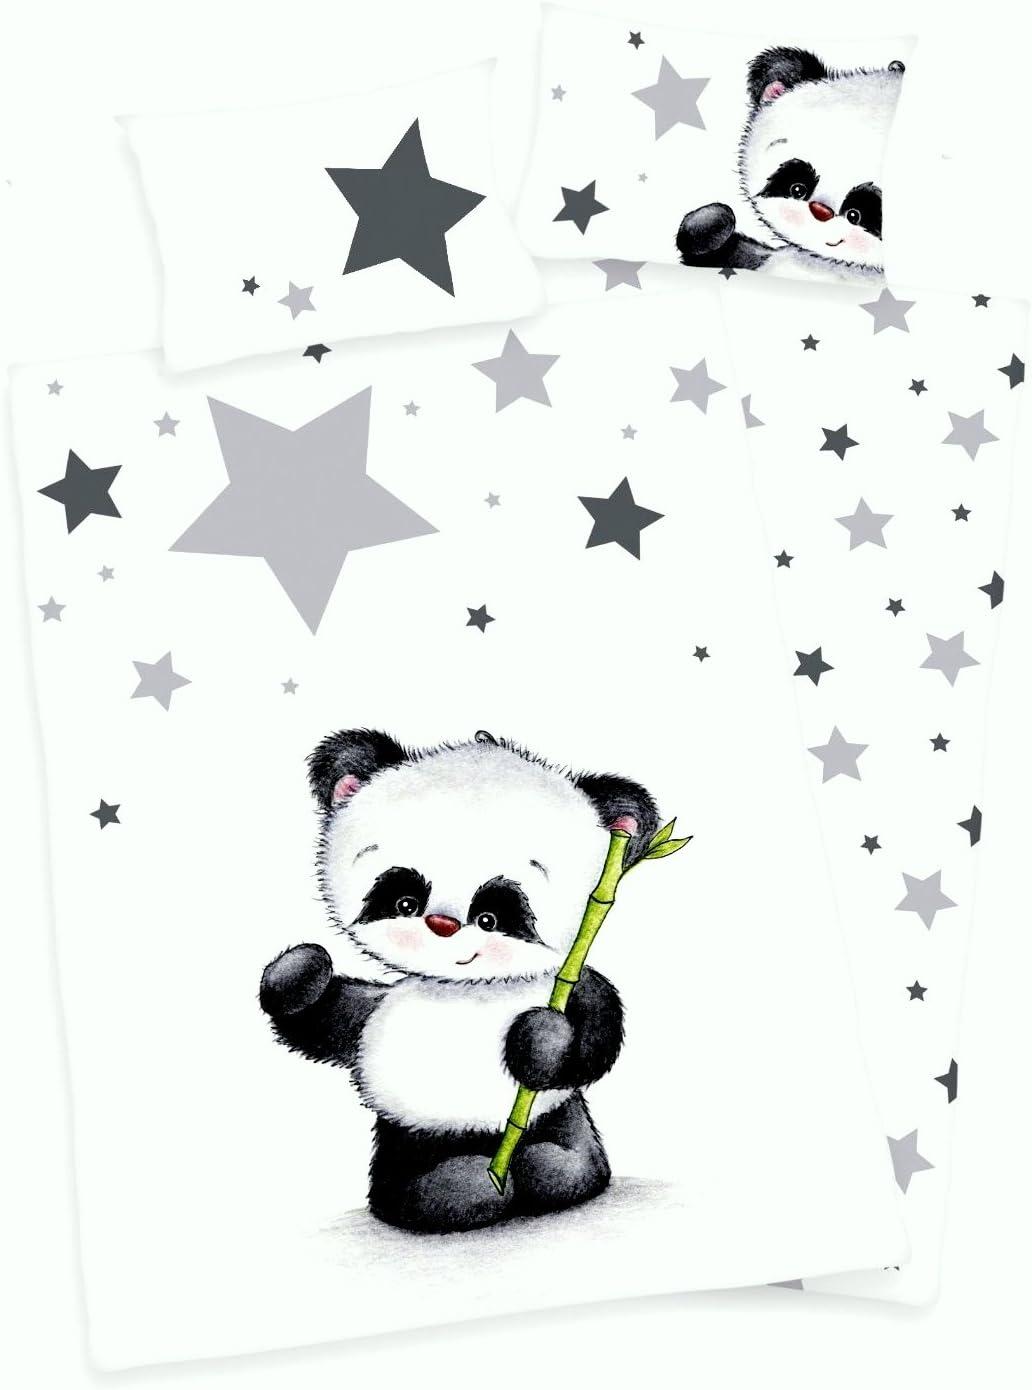 Flanelle 100 x 135 cm Parure  de lit 3 articles Pour b/éb/é R/éversible avec motif : Panda 1 drap housse 70 x 140 cm 40 x 60 cm